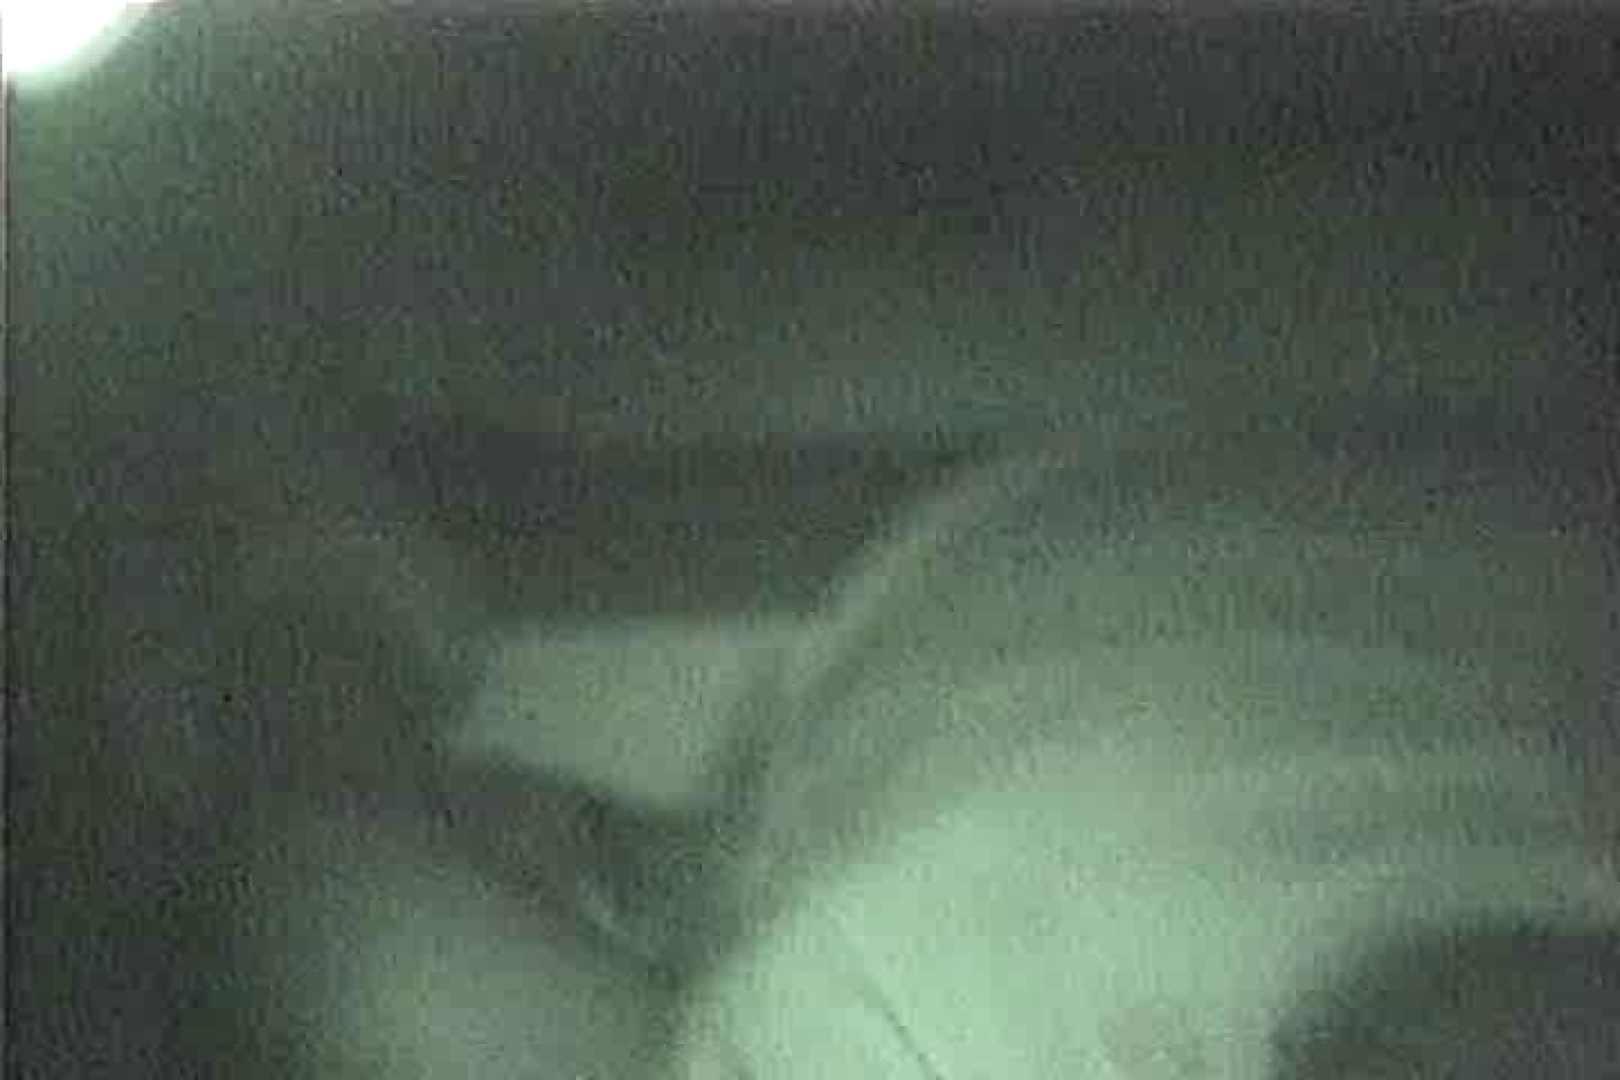 車の中はラブホテル 無修正版  Vol.9 ラブホテル 性交動画流出 88連発 44